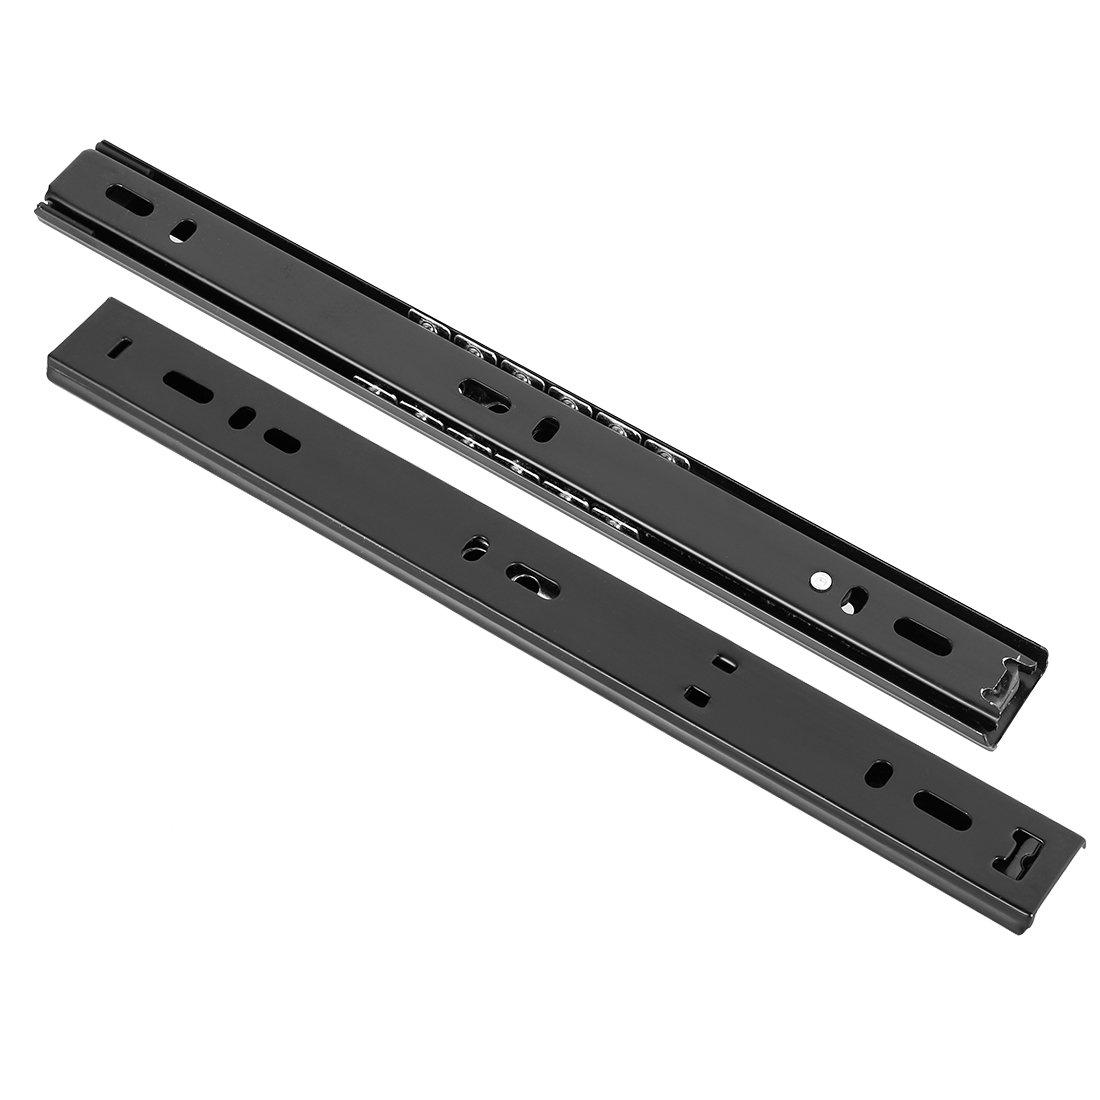 100 lbs de capacidad,27mm de ancho,Negro,1 par sourcing map Correderas de caj/ón con rodamiento de bolas,10-pulgadas